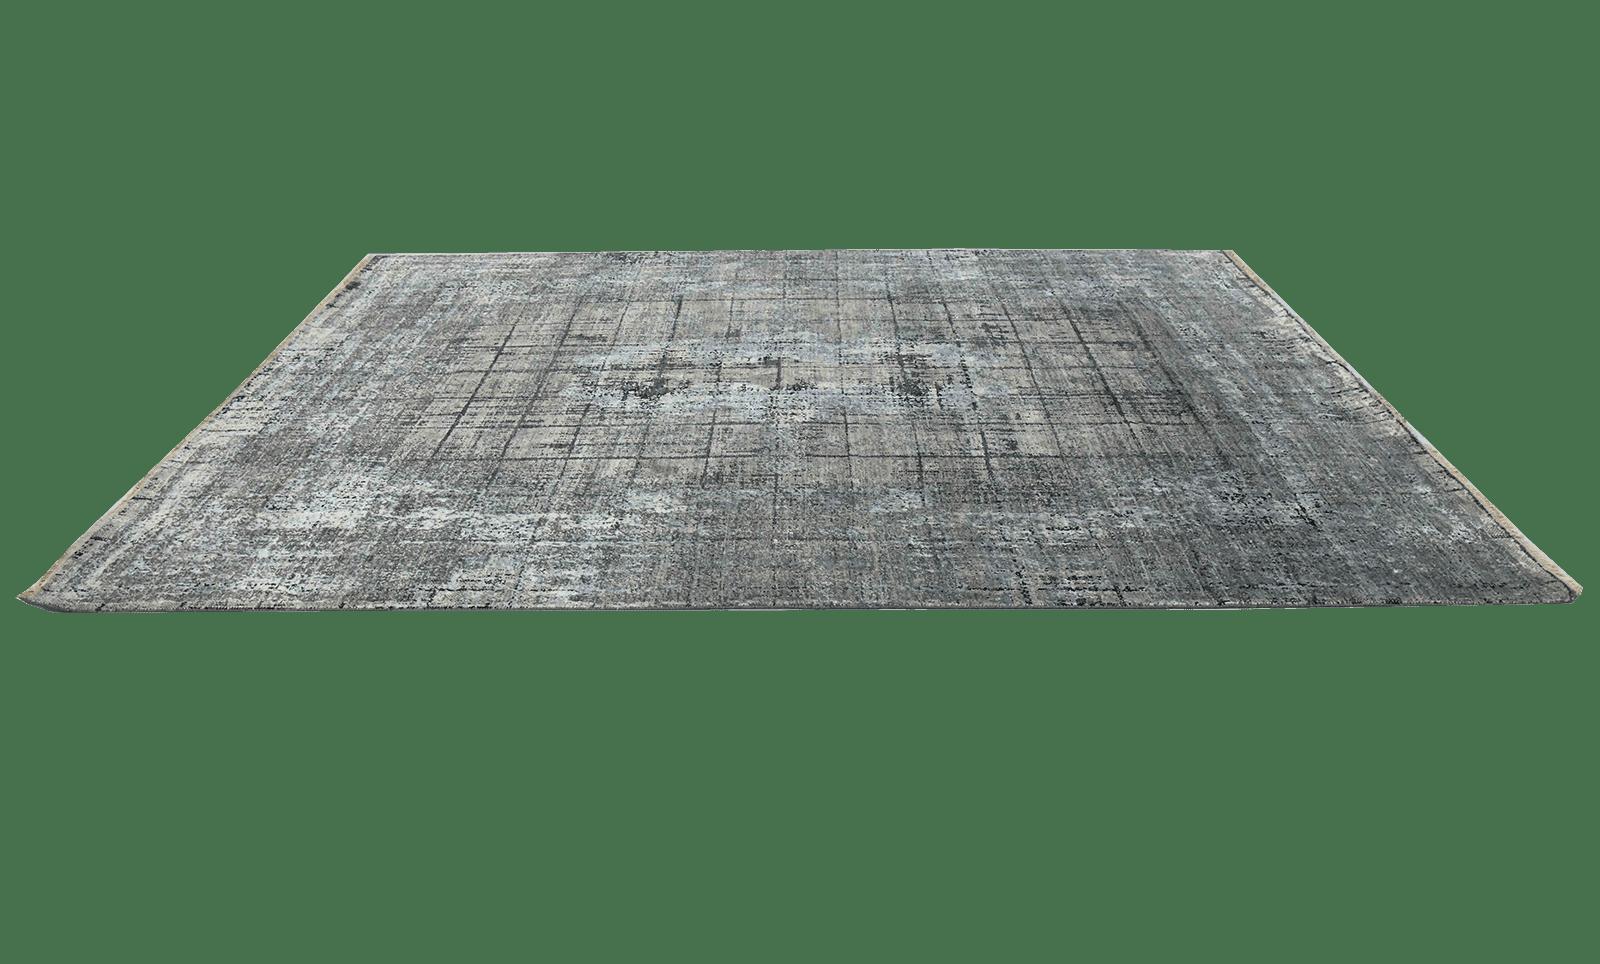 avant-garde-dazzle-design-tapijt-luxe-moderne-exclusieve-design-tapijten-luxe-vloerkleden-zijde-antraciet-grijs-zwart-302x244-koreman-maastricht-4254-midden